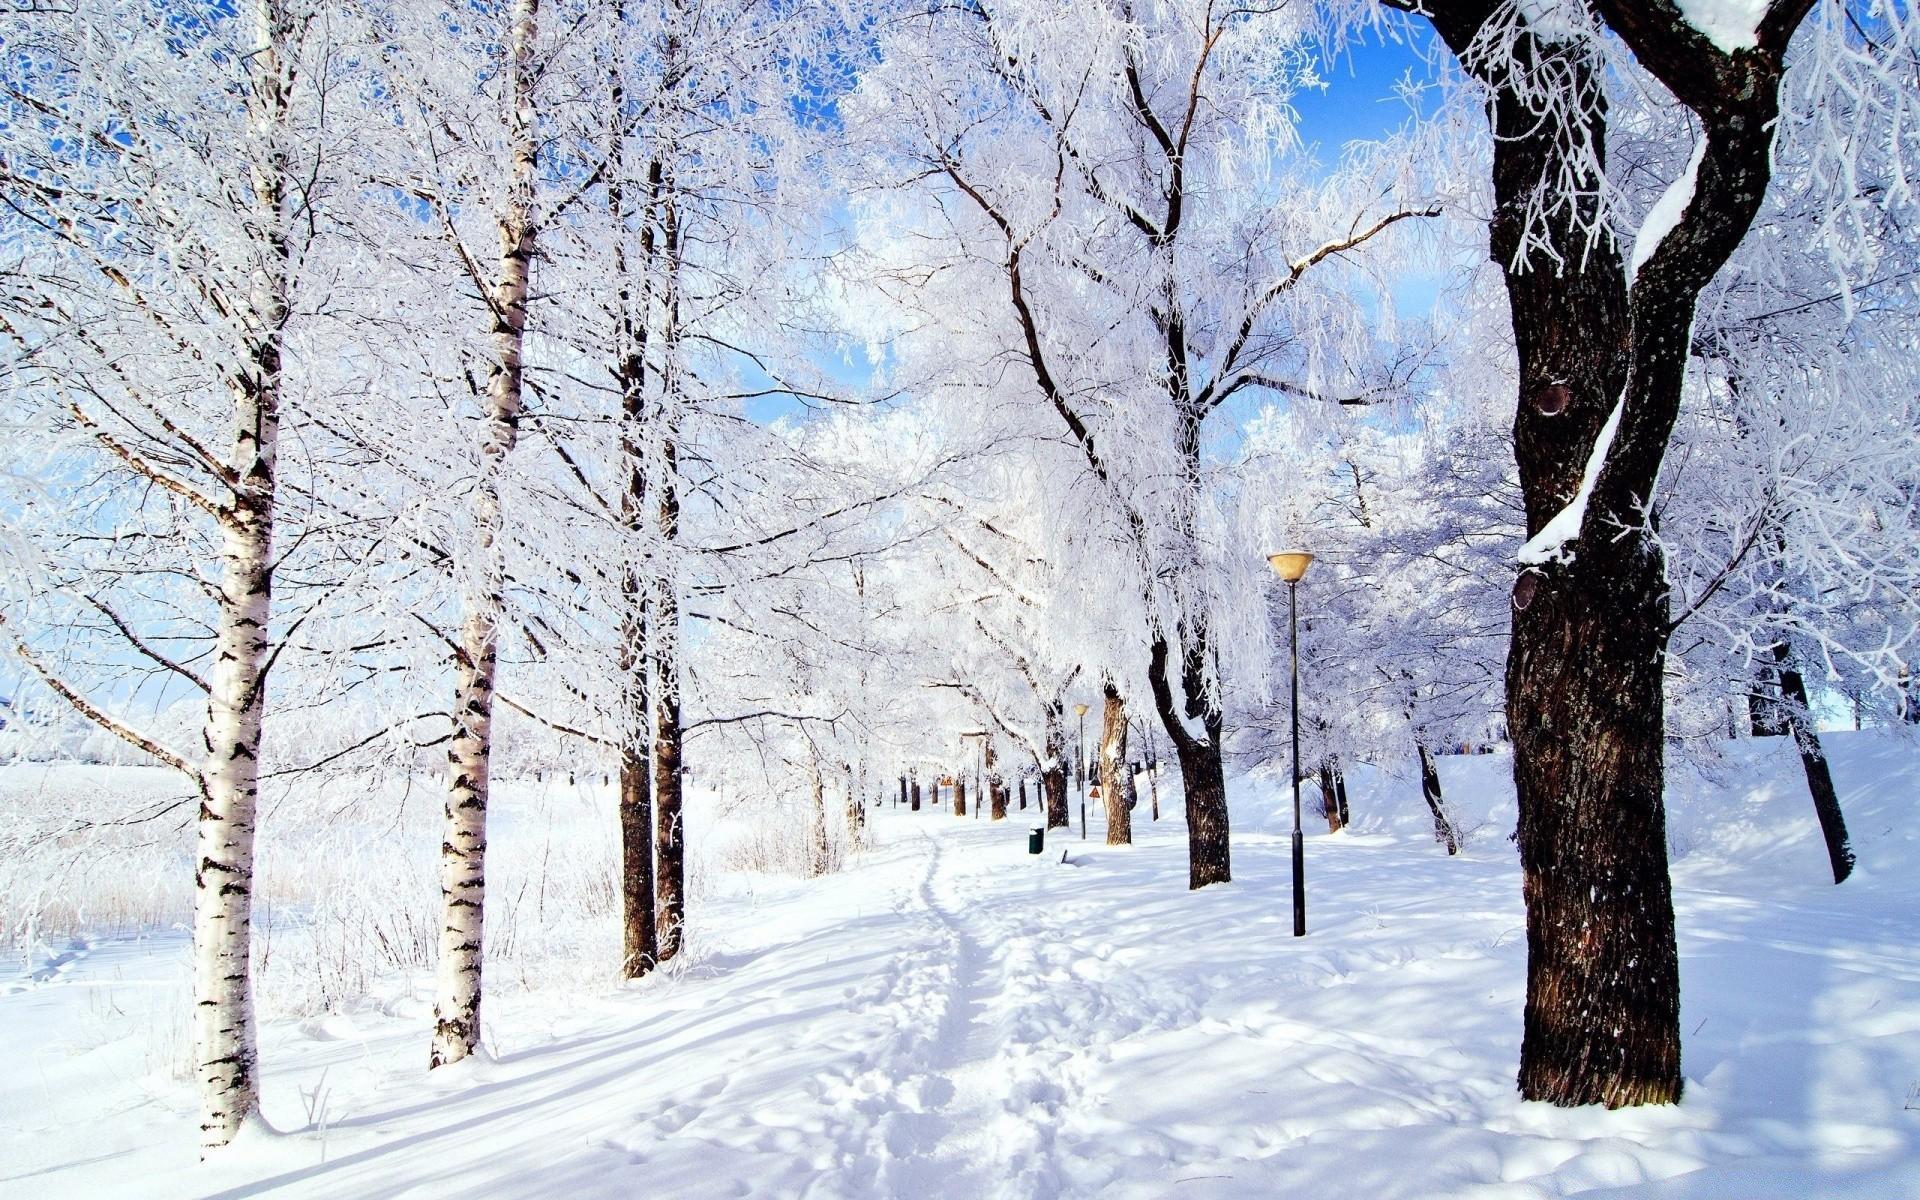 зимние картинки февраль на рабочий стол на весь экран